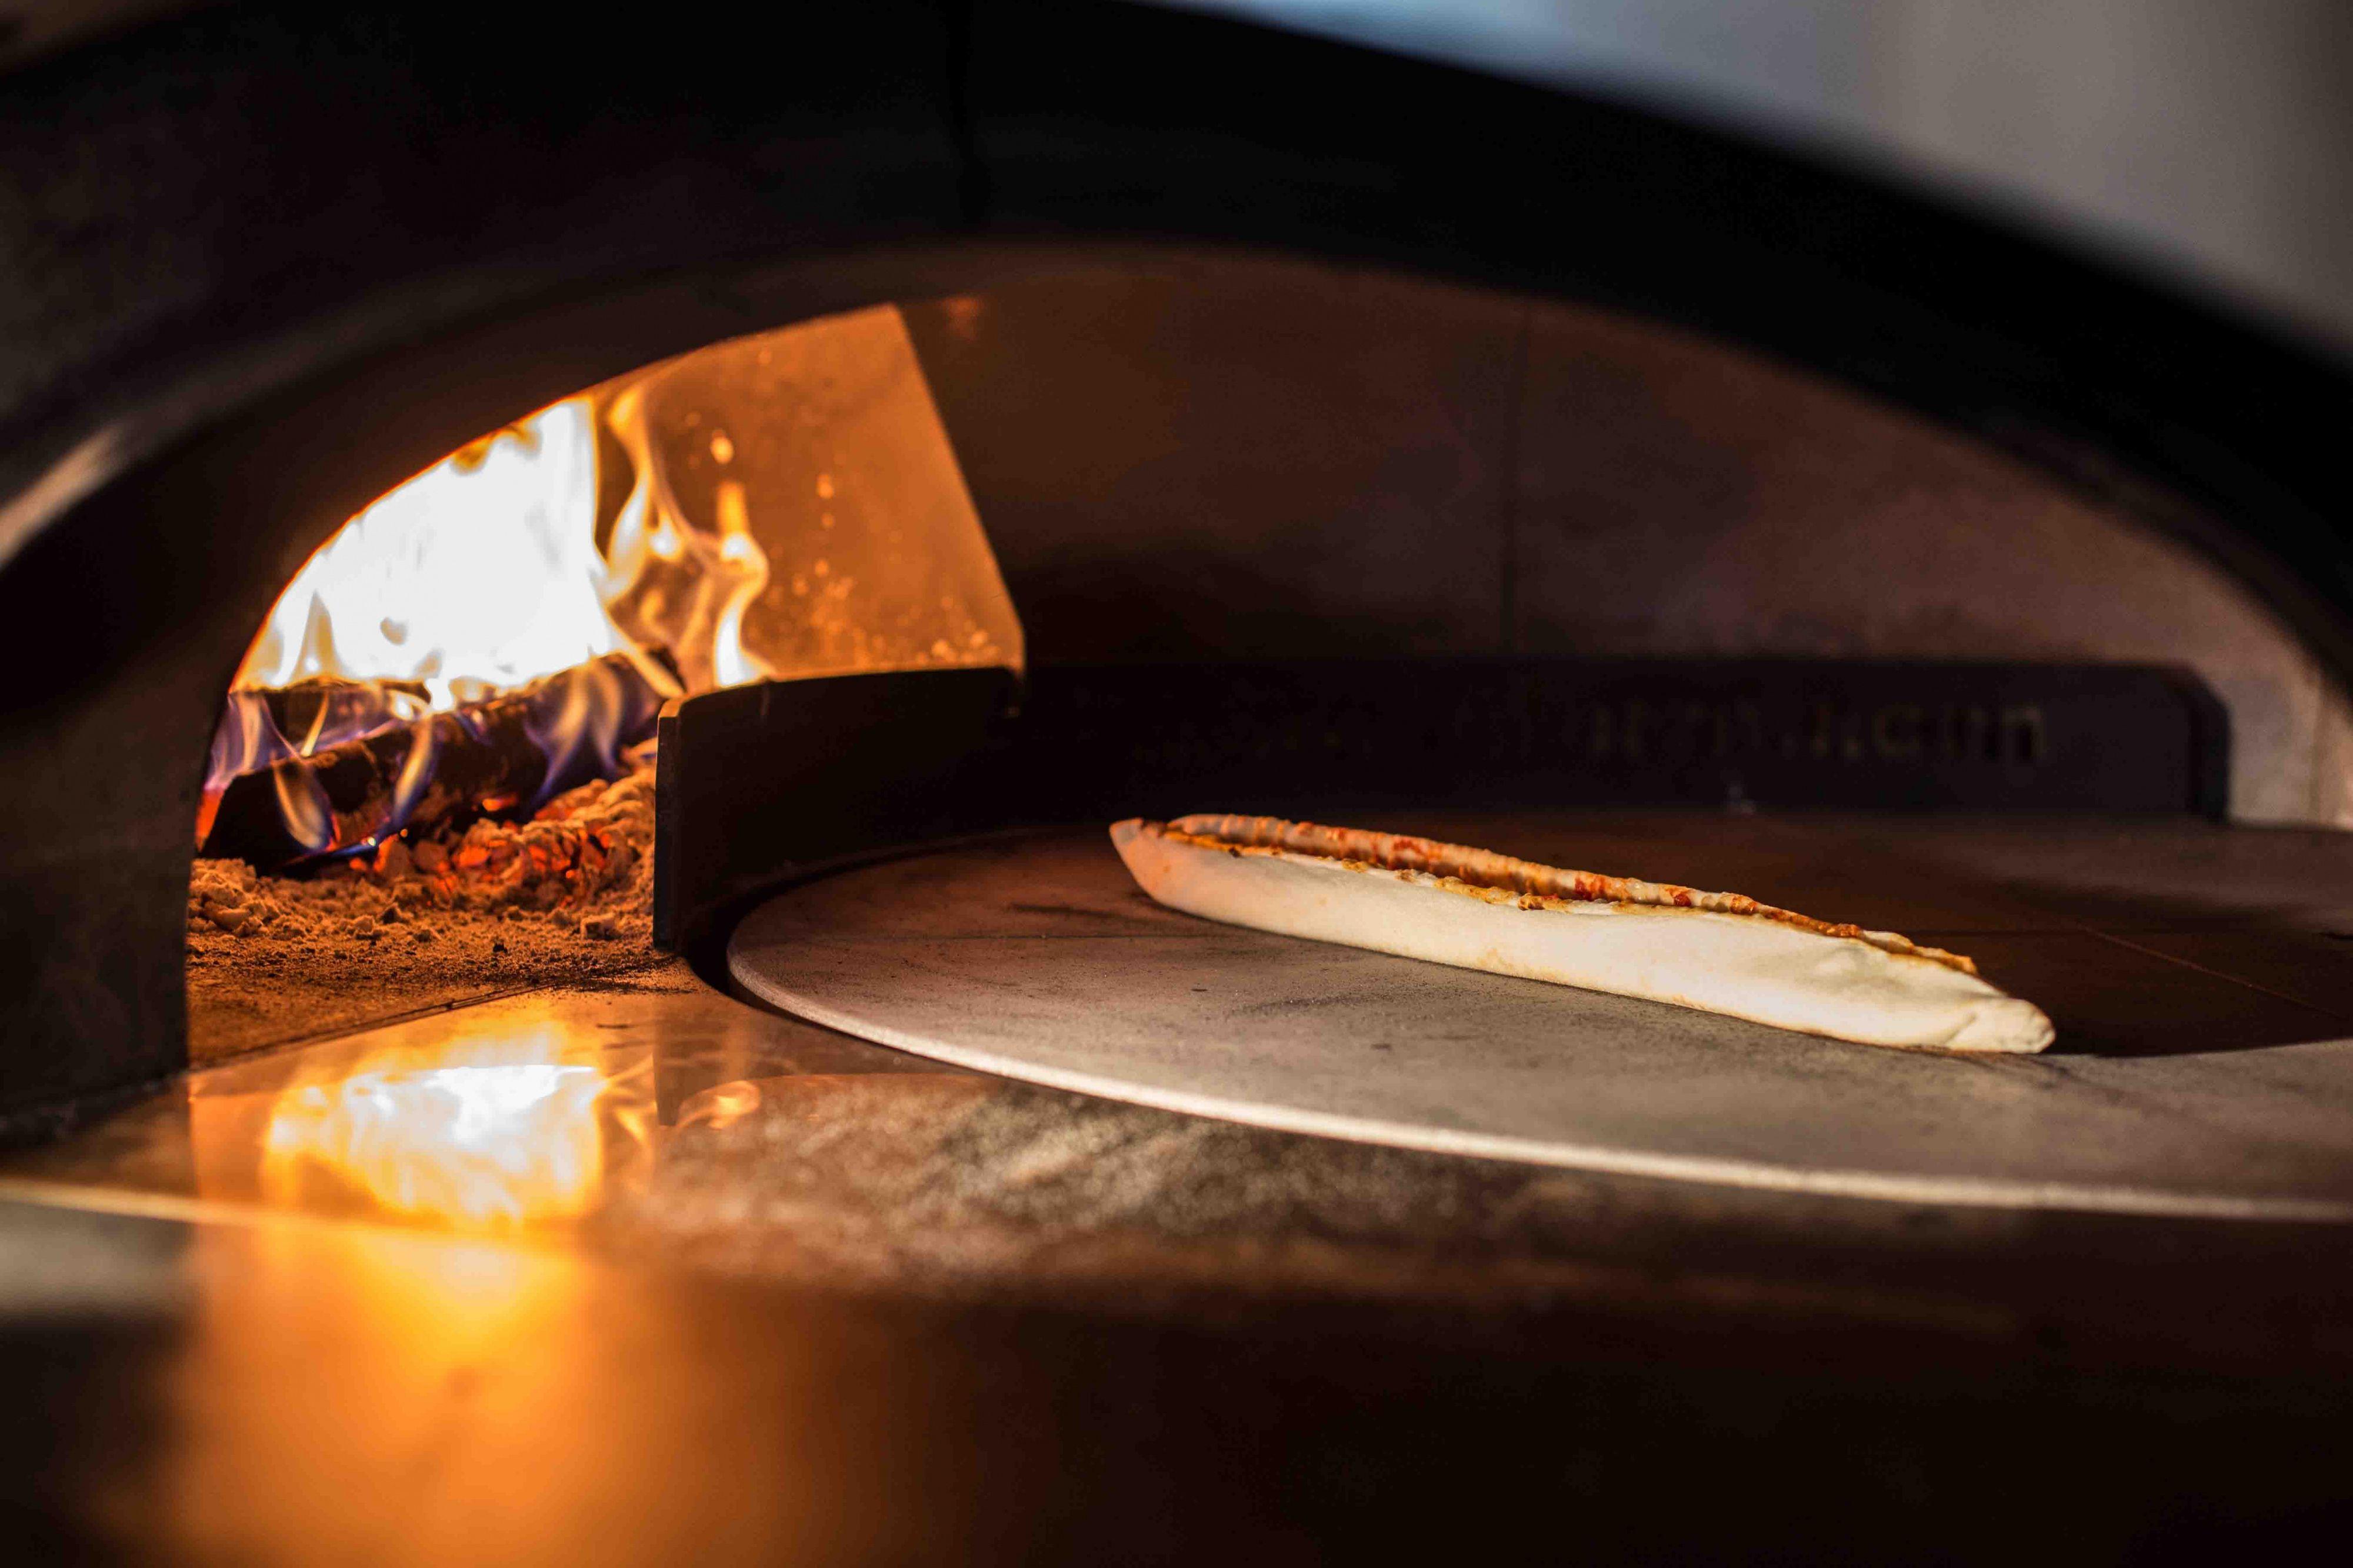 ristorante-michelangelo-forno-pizza-lugano-min.jpg